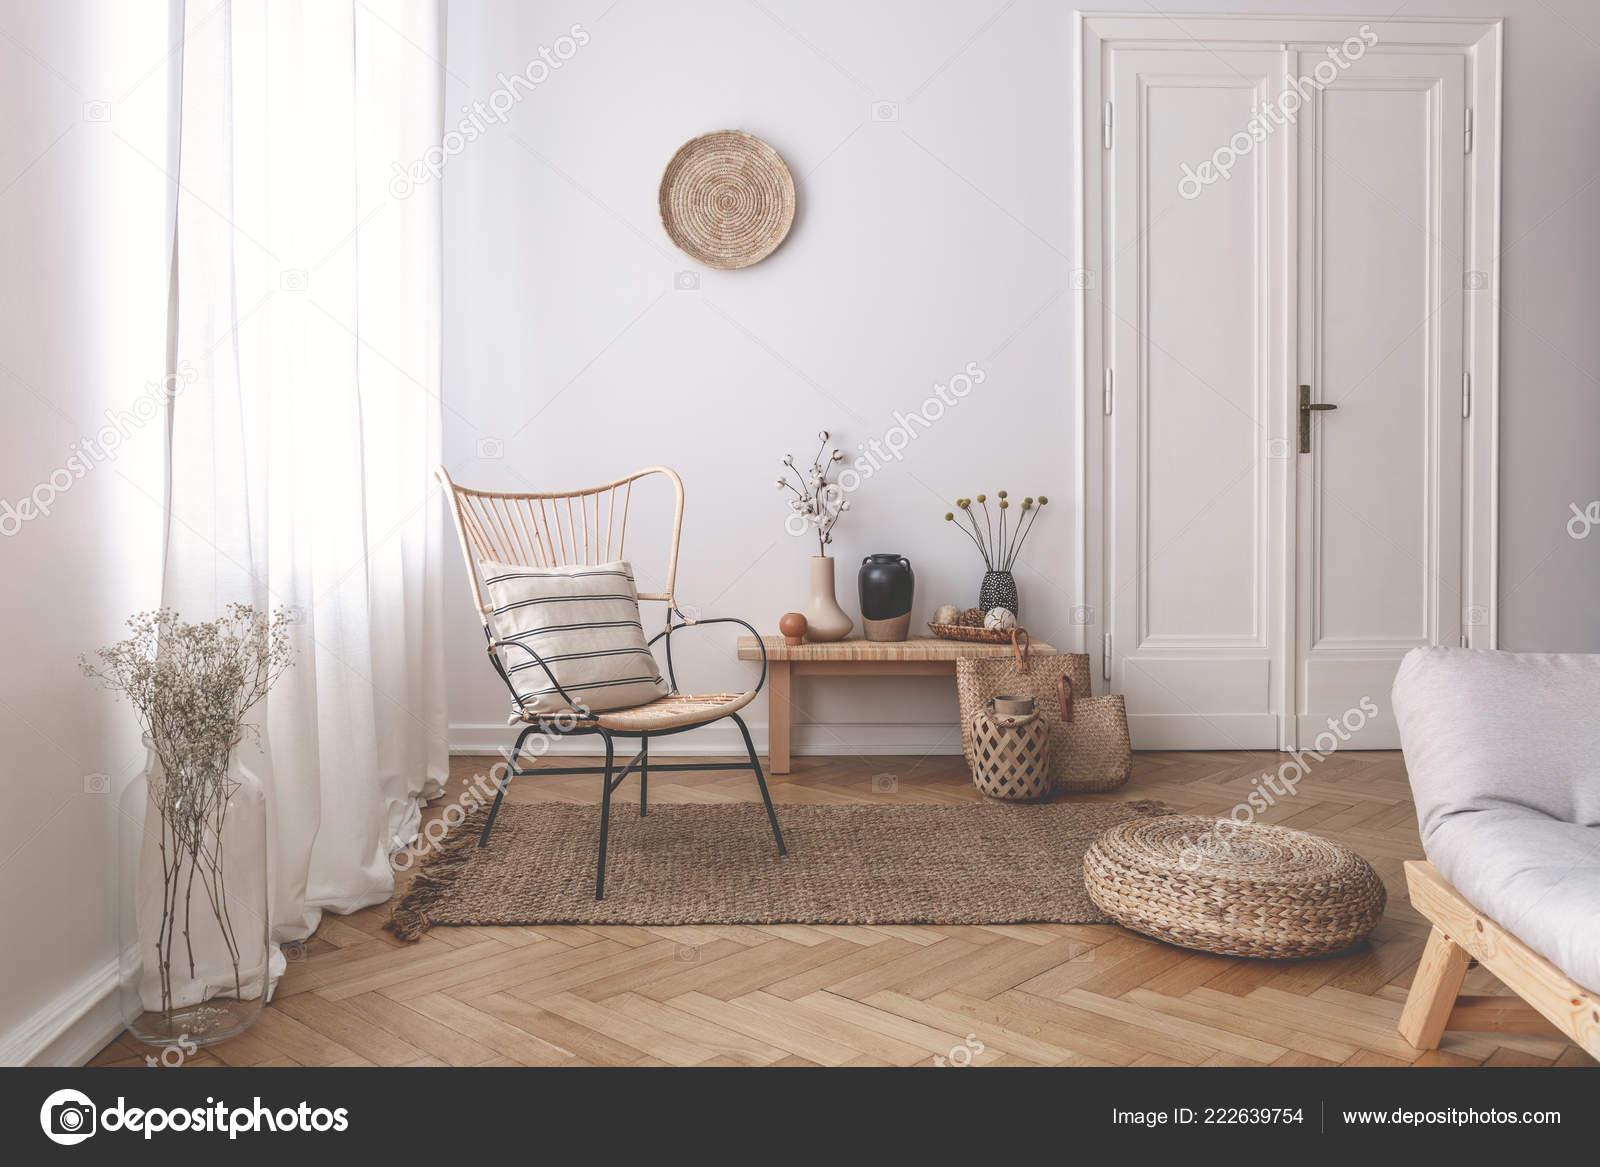 Tende Salone Bianco.Bianche Puro Tende Della Finestra Interno Salone Bianco Con